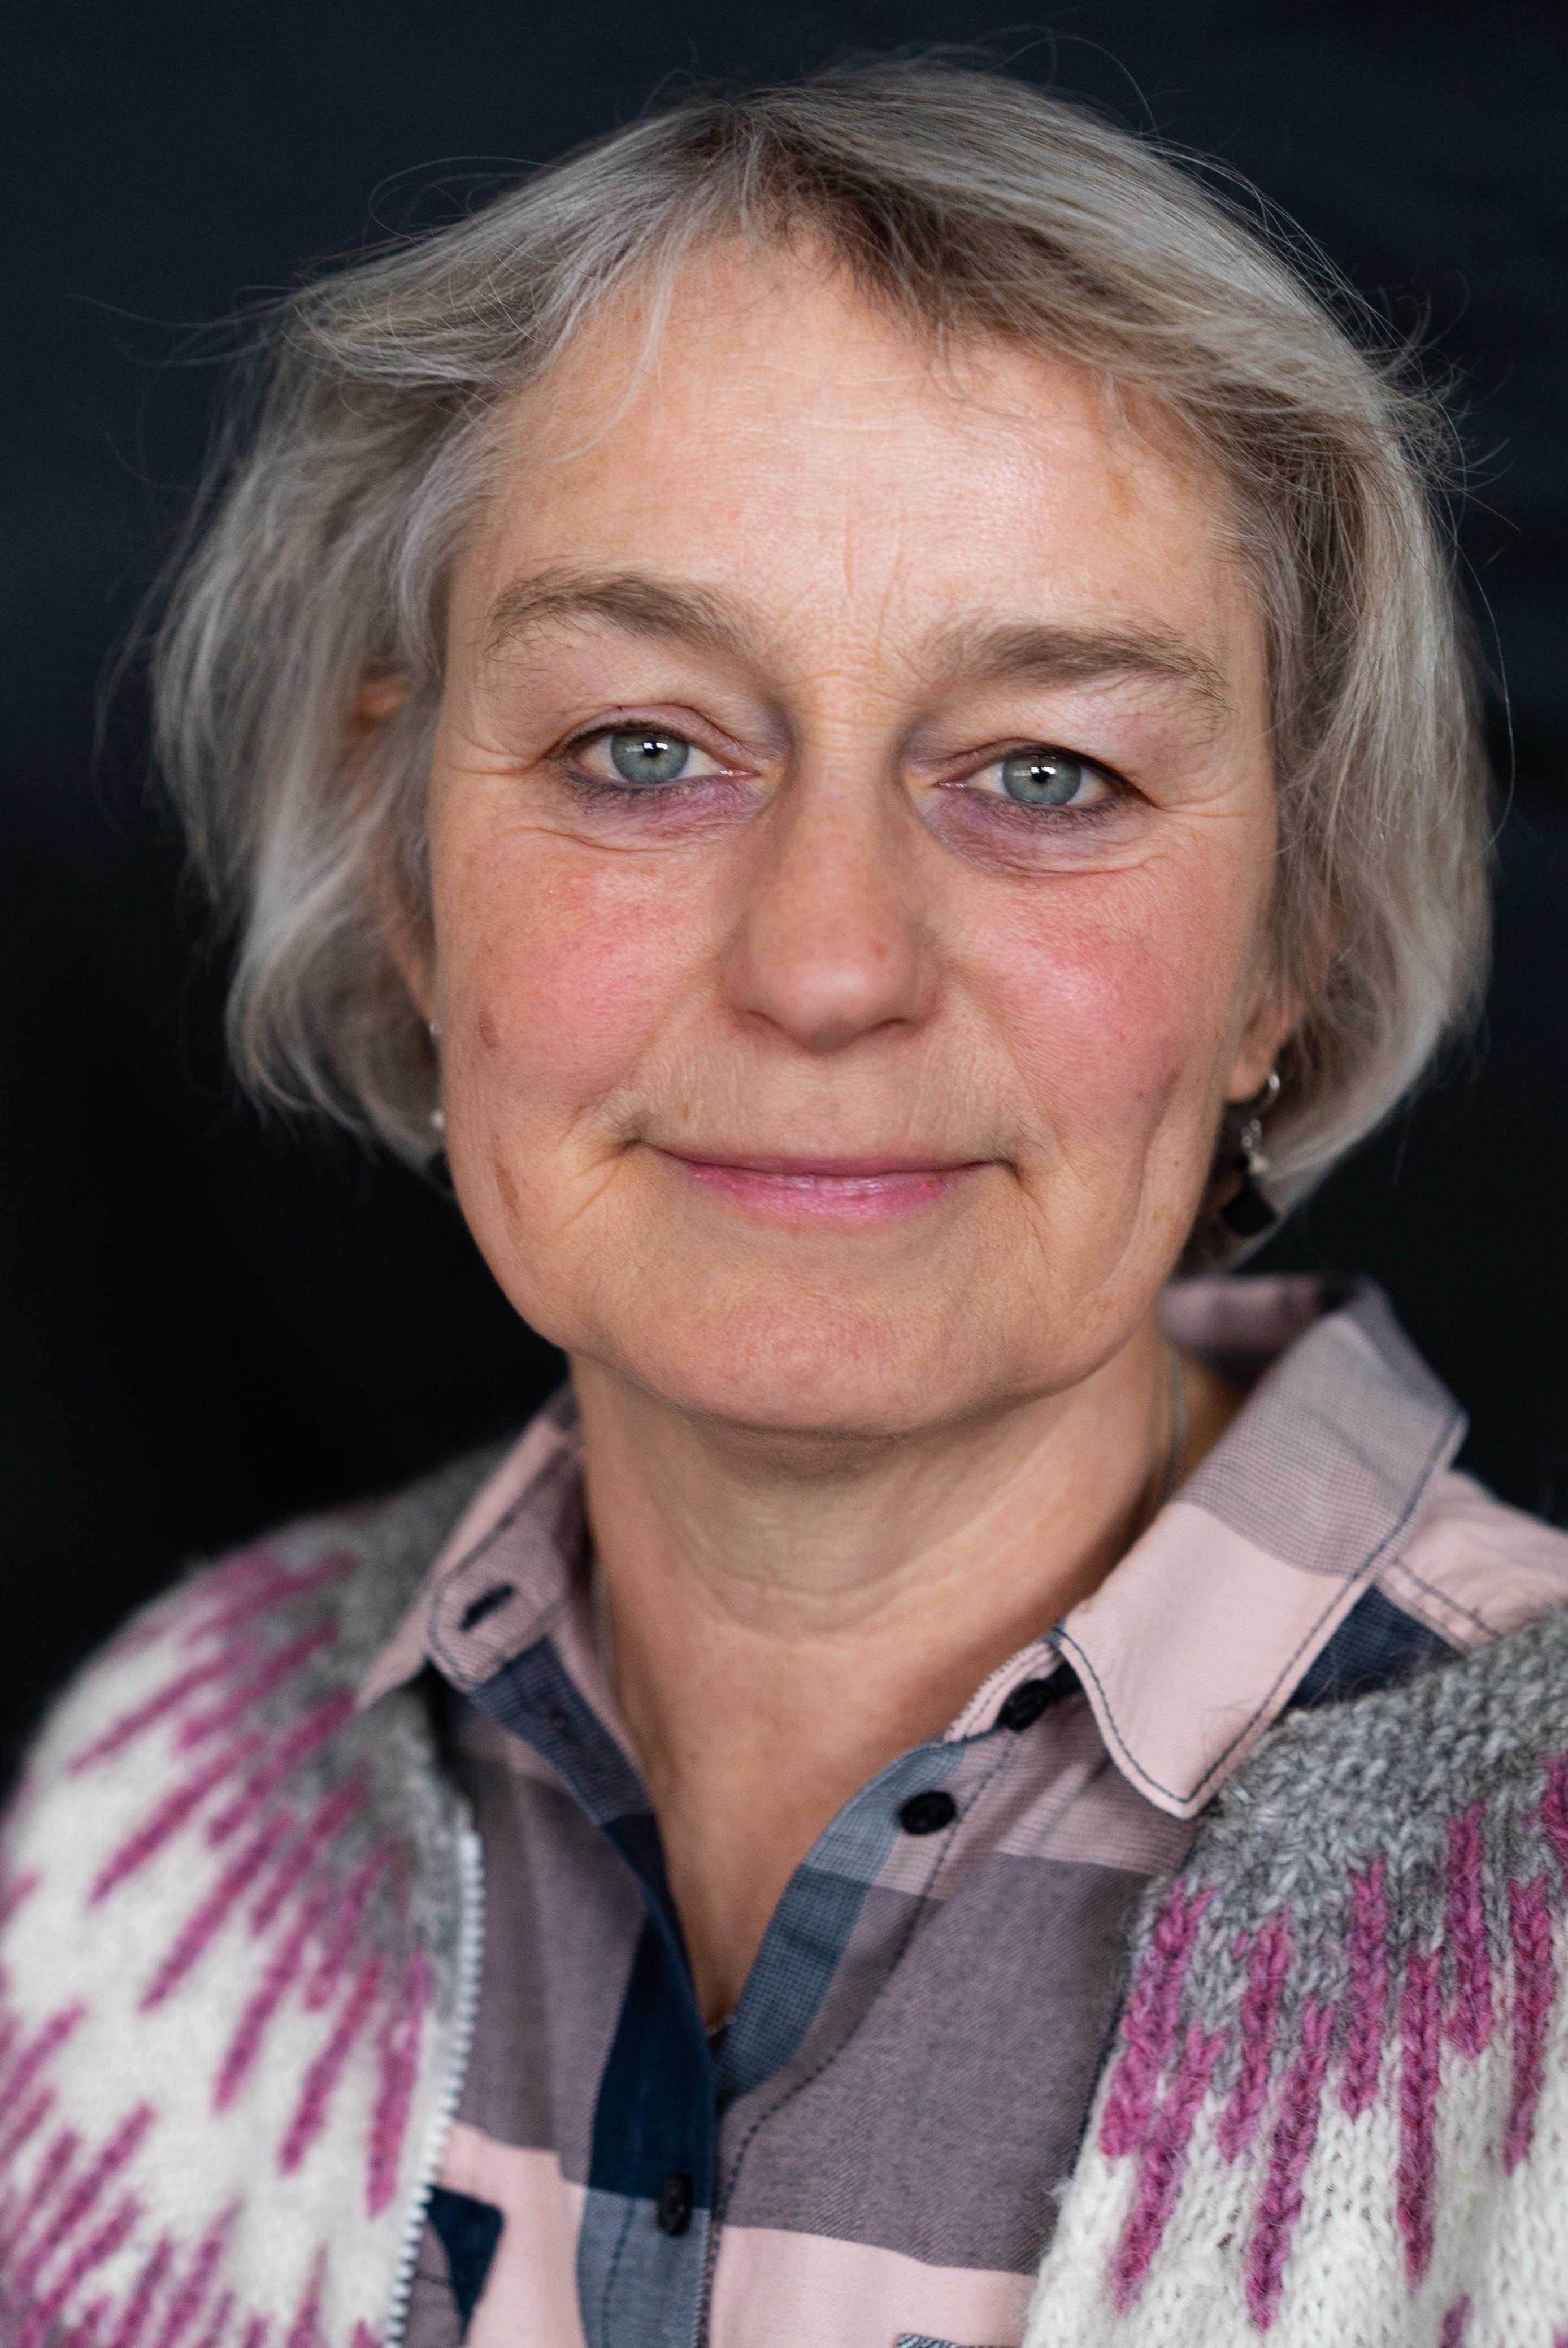 Marianne Elsborg (MEL)